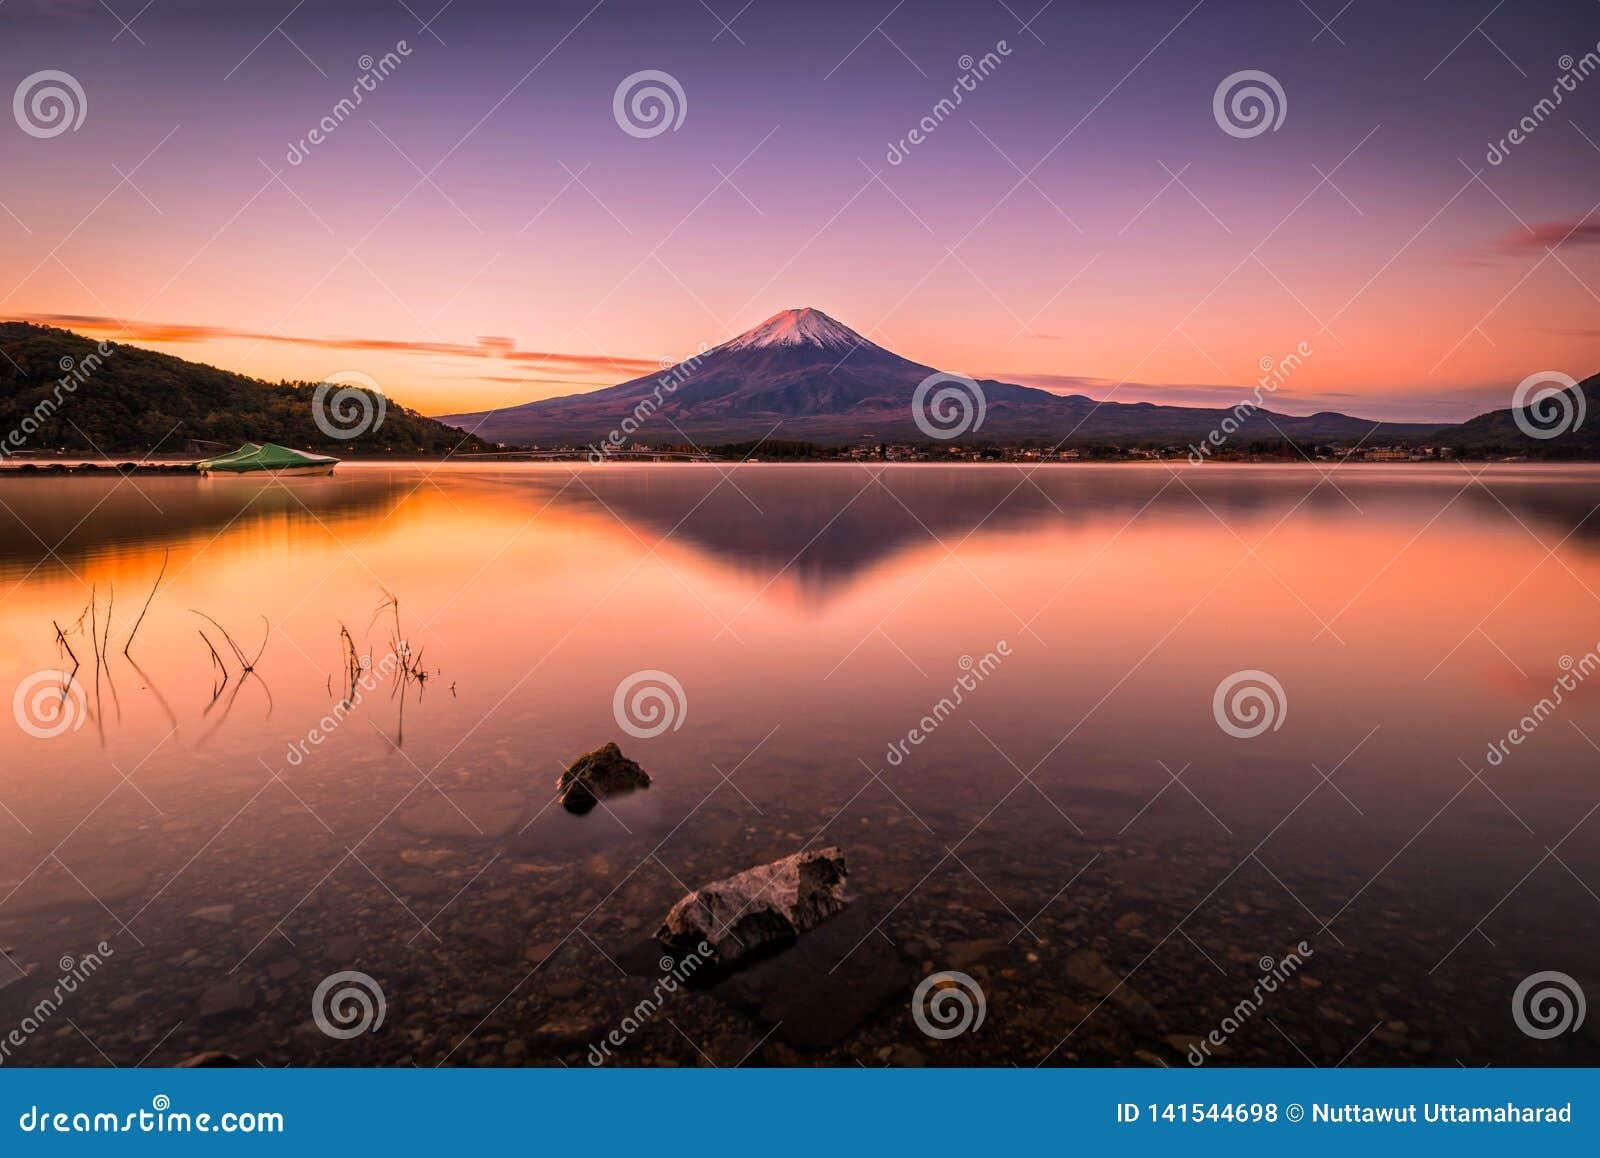 Imagem da paisagem do Mt Fuji sobre o lago Kawaguchiko no nascer do sol em Fujikawaguchiko, Japão